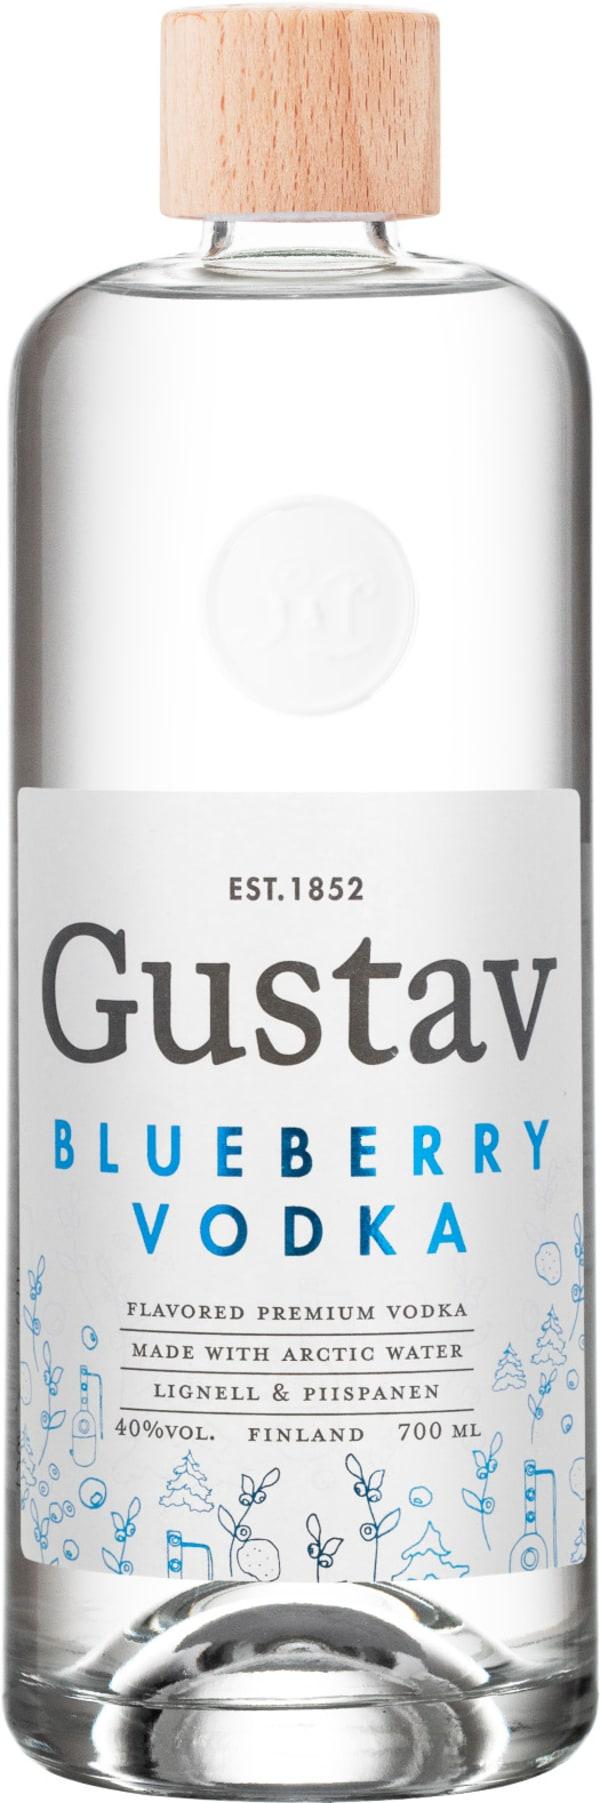 Gustav Blueberry Vodka